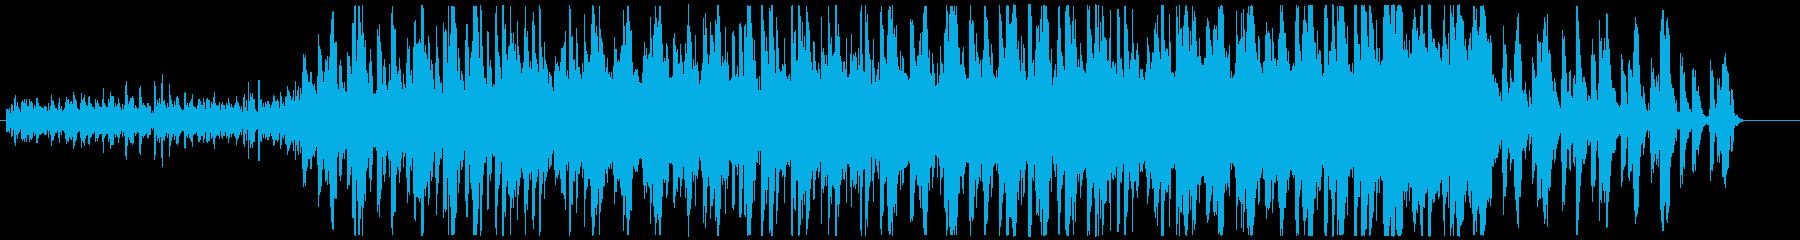 現代の交響曲 素晴らしい ファンタ...の再生済みの波形